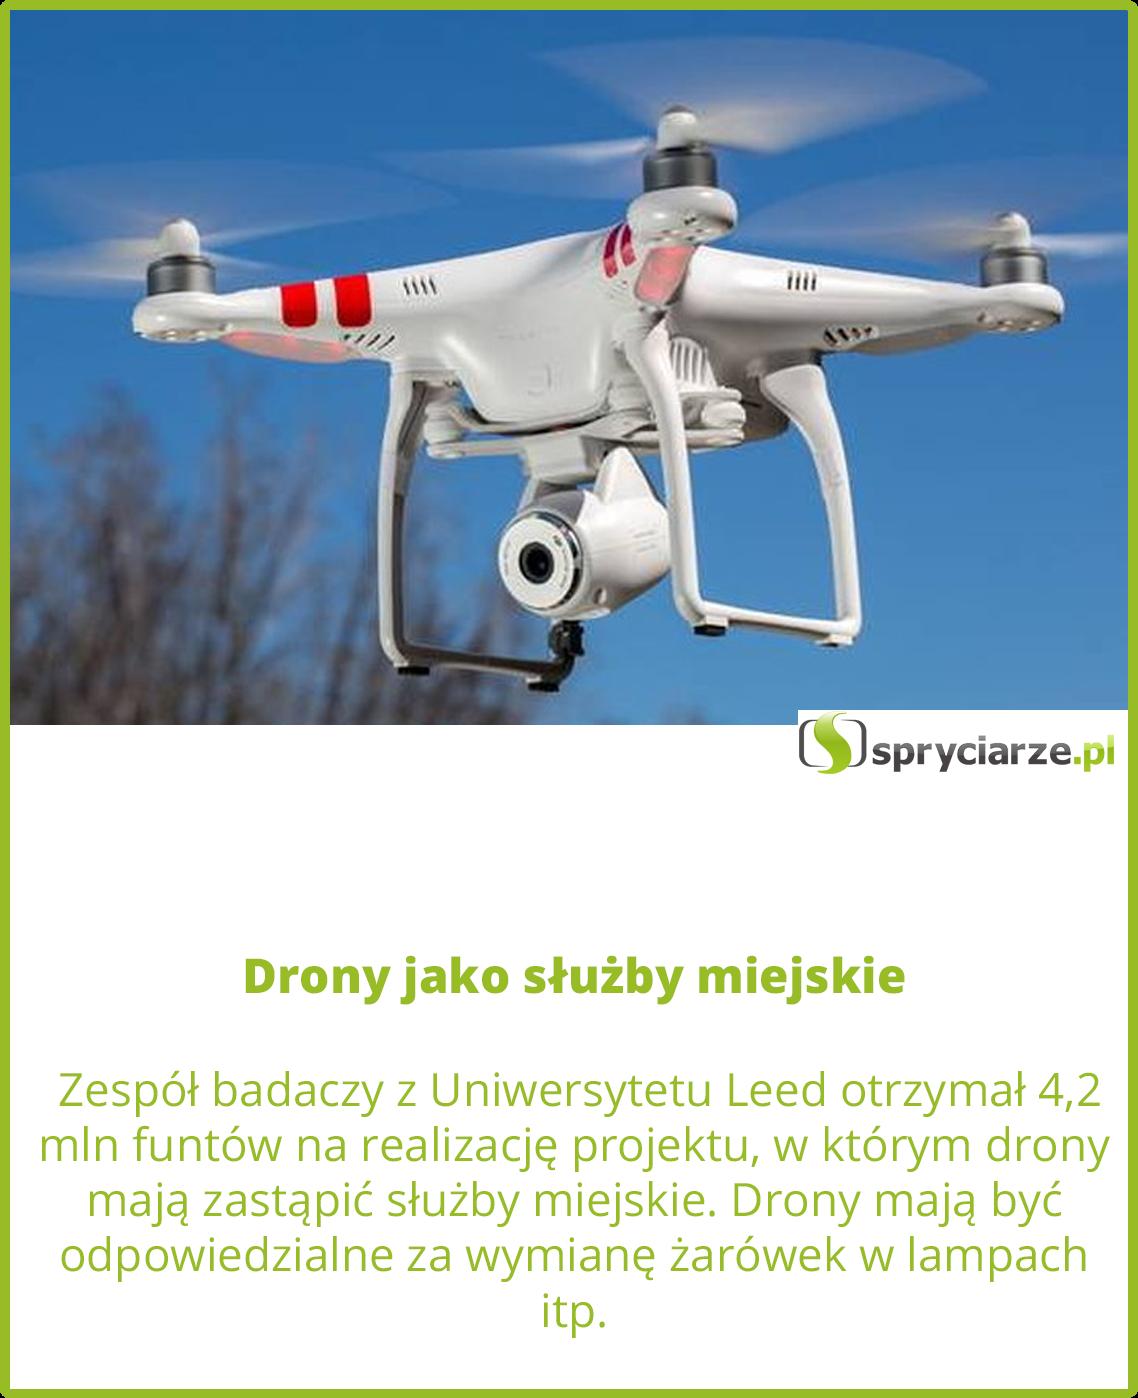 Drony jako służby miejskie